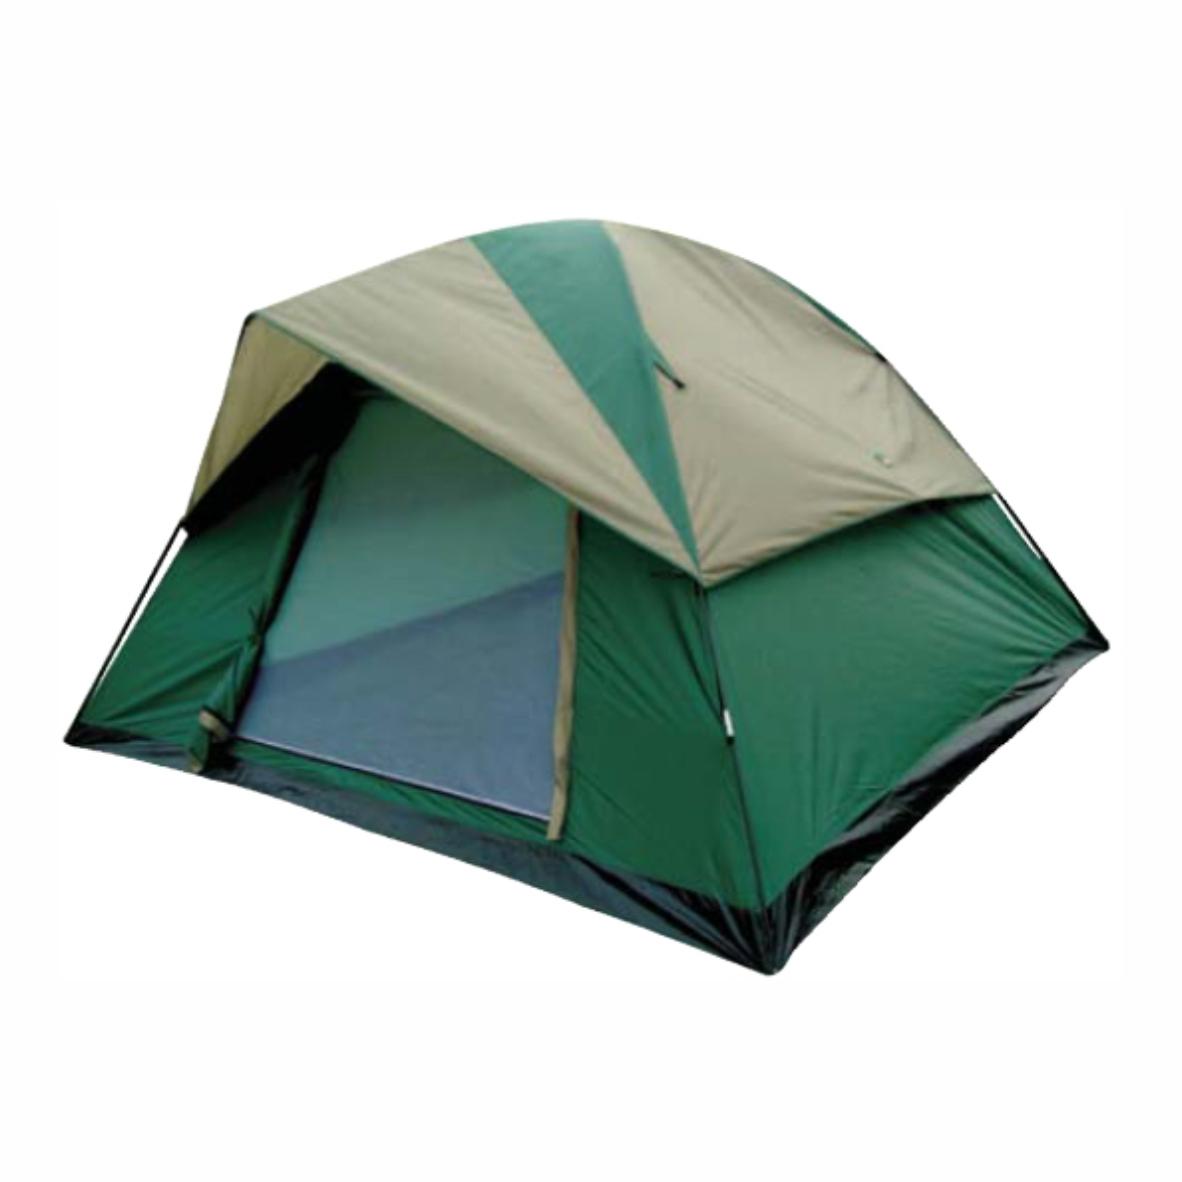 totai-6-man-tent-305x305x180-pu-800mmred-dot-sale--05tn011-6